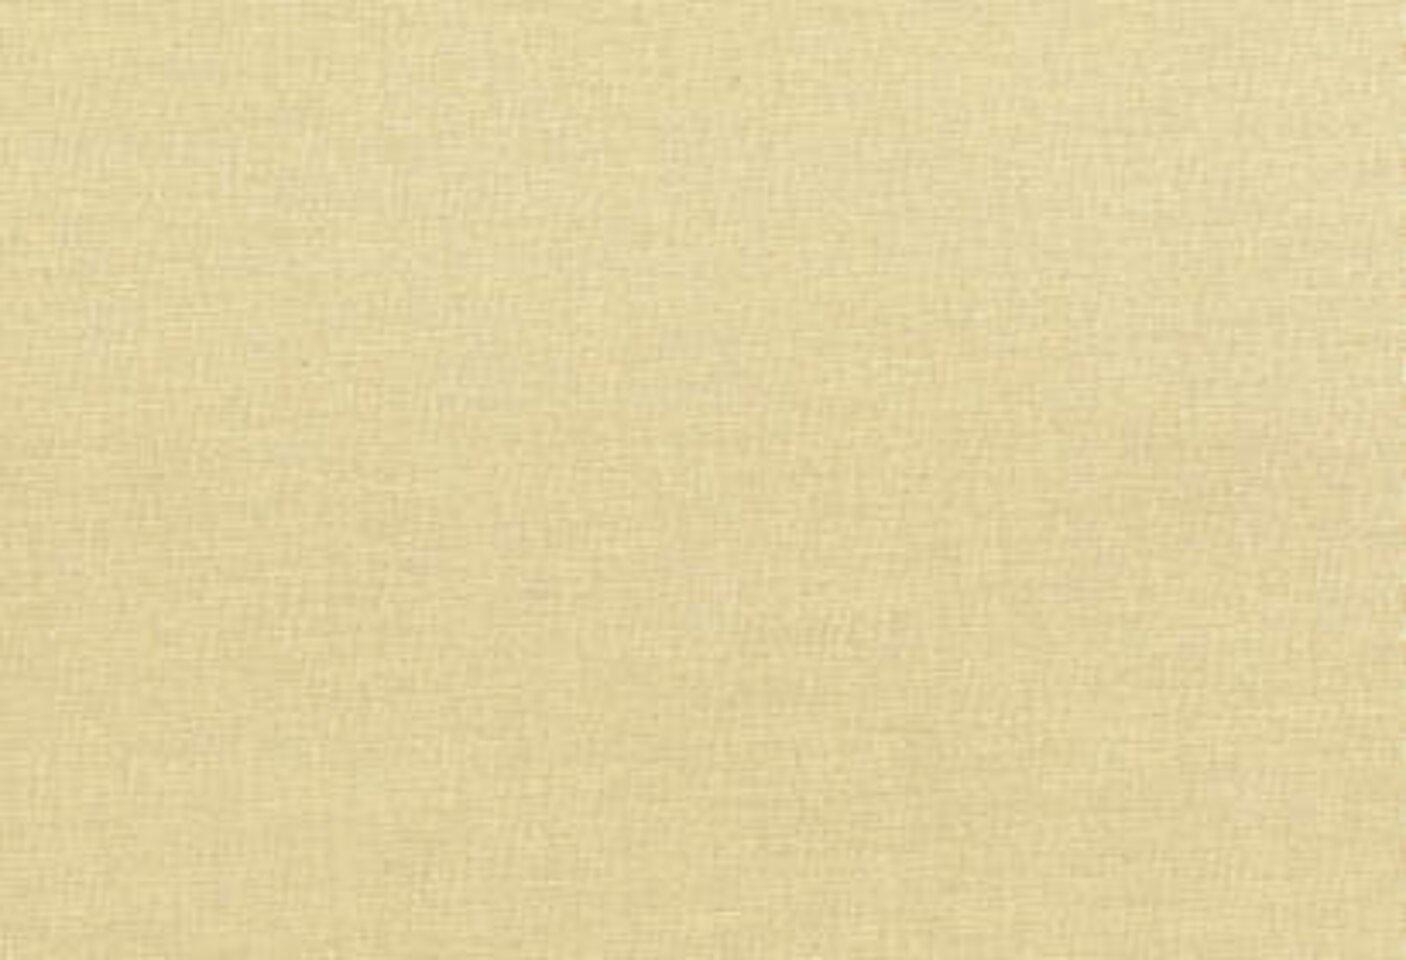 Voile plt 20 cream intu pleated blinds for 12133 door knob